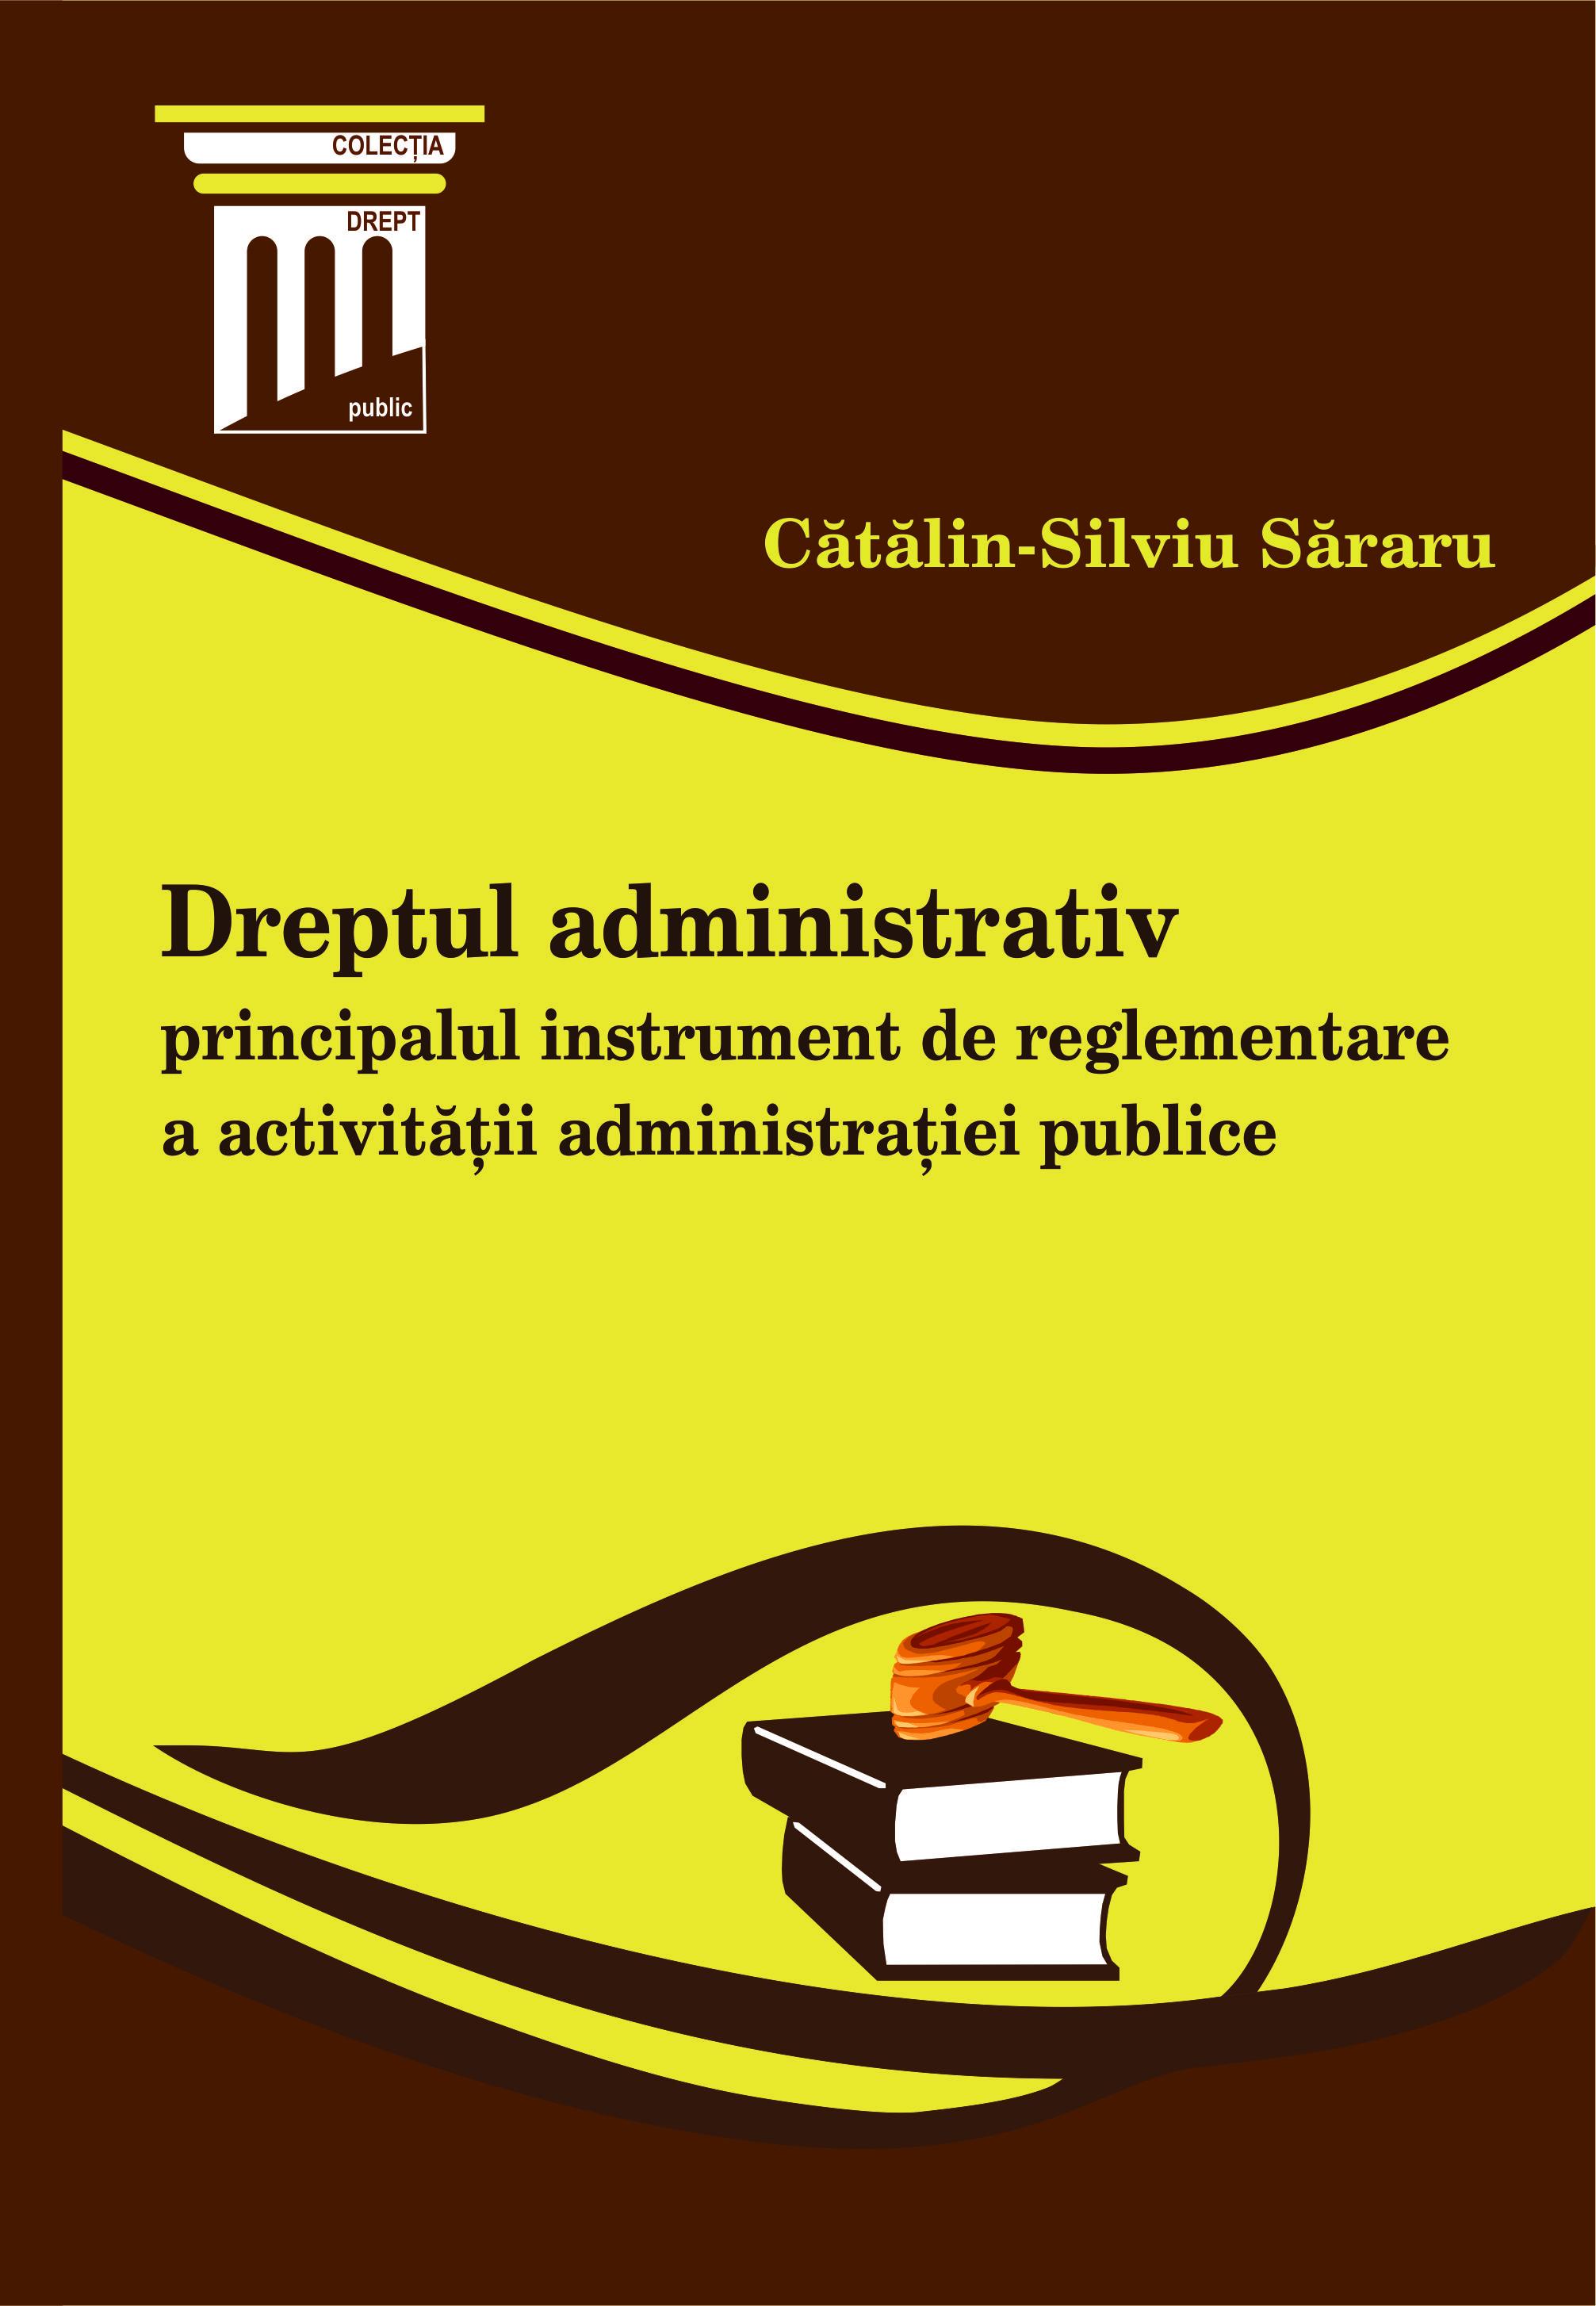 Dreptul administrativ, principalul instrument de reglementare a activitatii administratiei publice